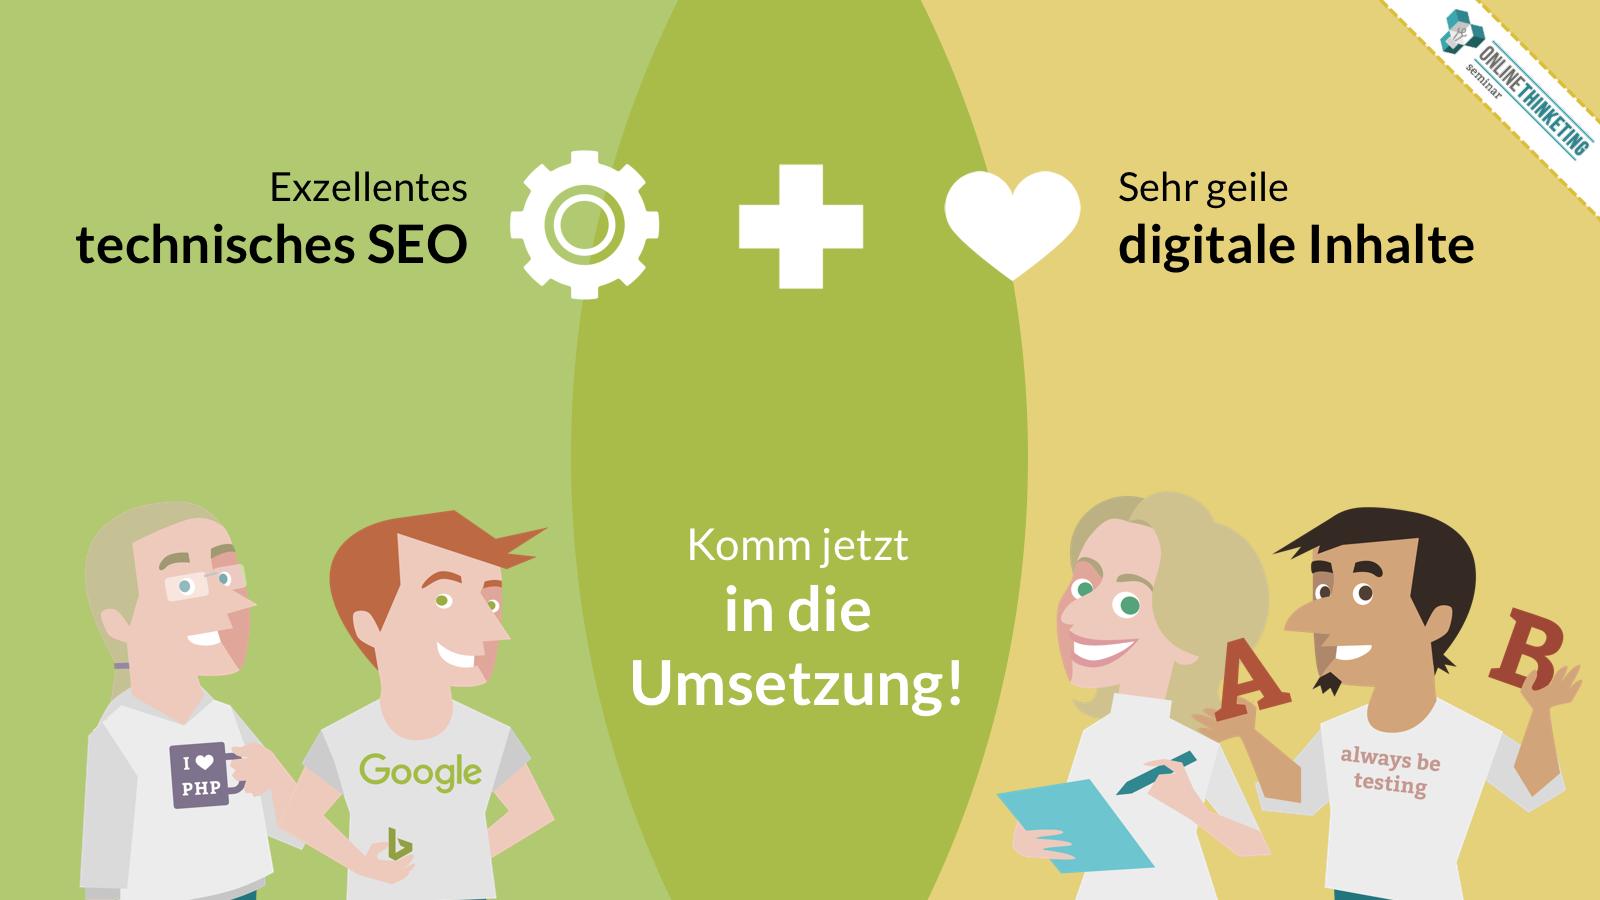 Erfahre im Onlinethinketing Online Marketing Seminar, wie Du das beste Wissen aus exzellentem technischen SEO und smarten digitalen Inhalten kombinierst.